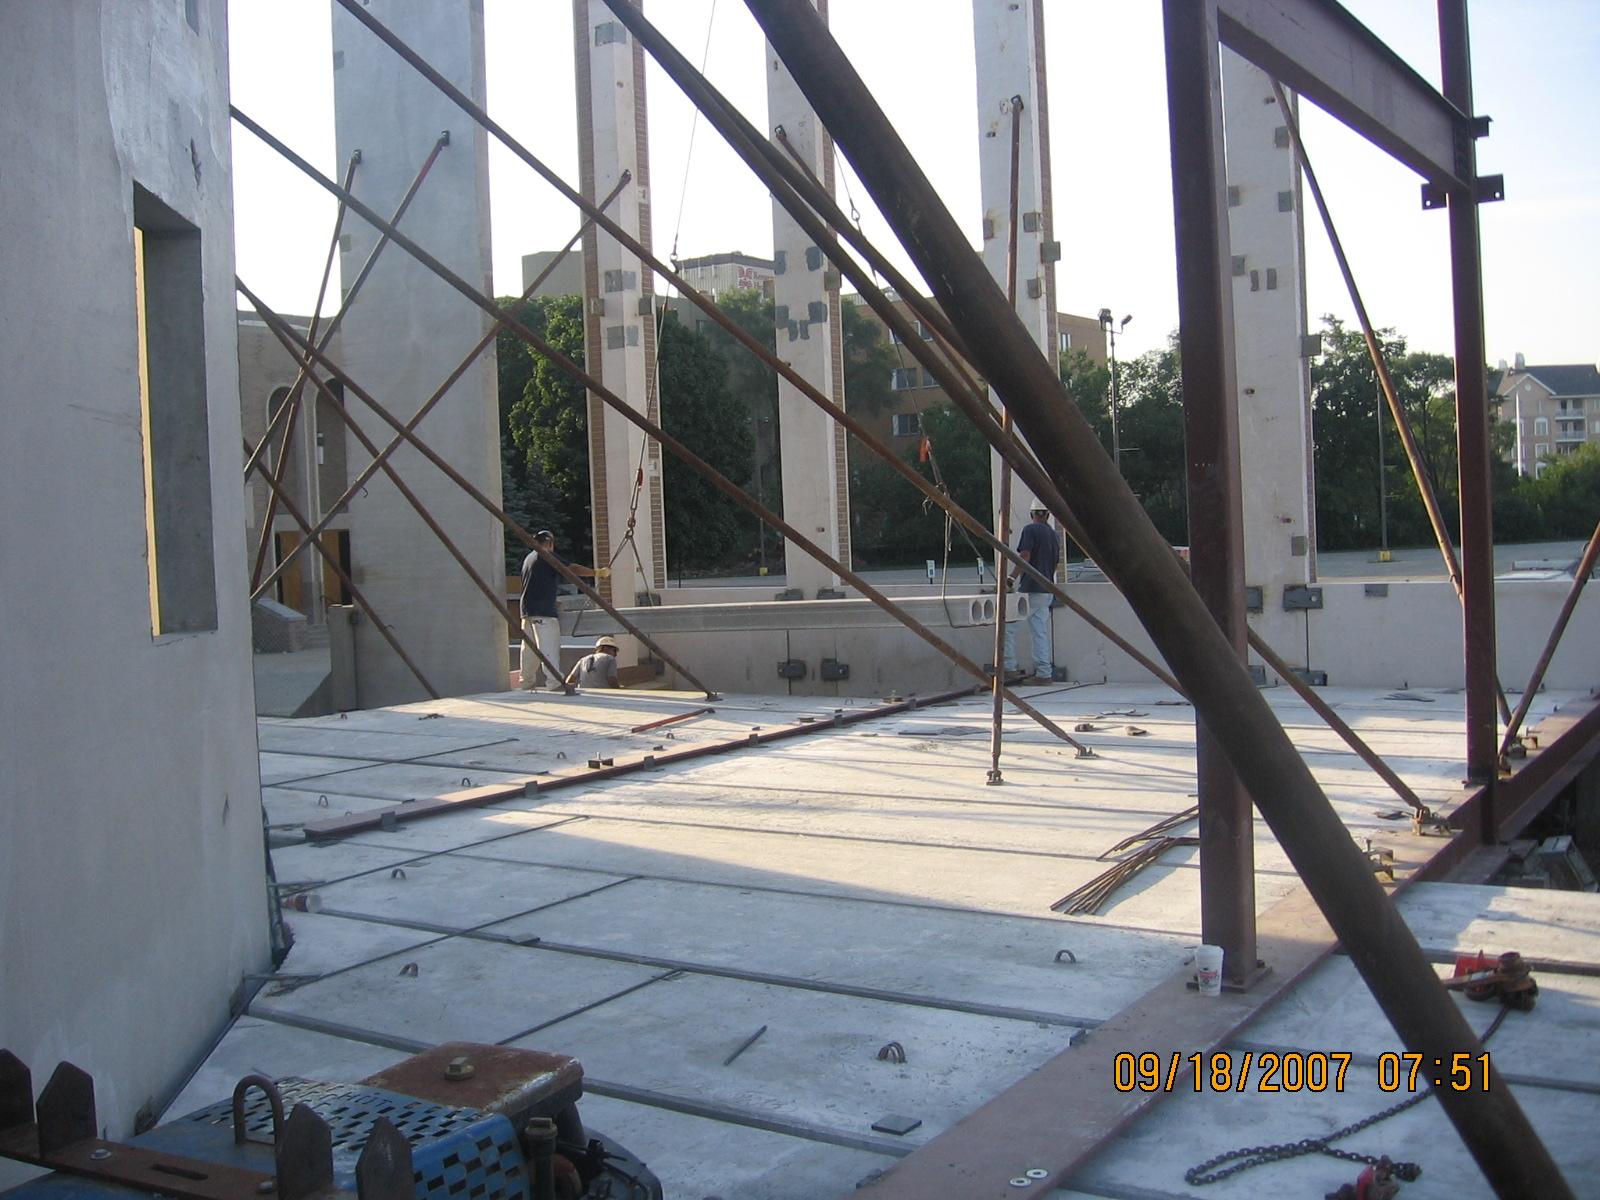 2007, September 21